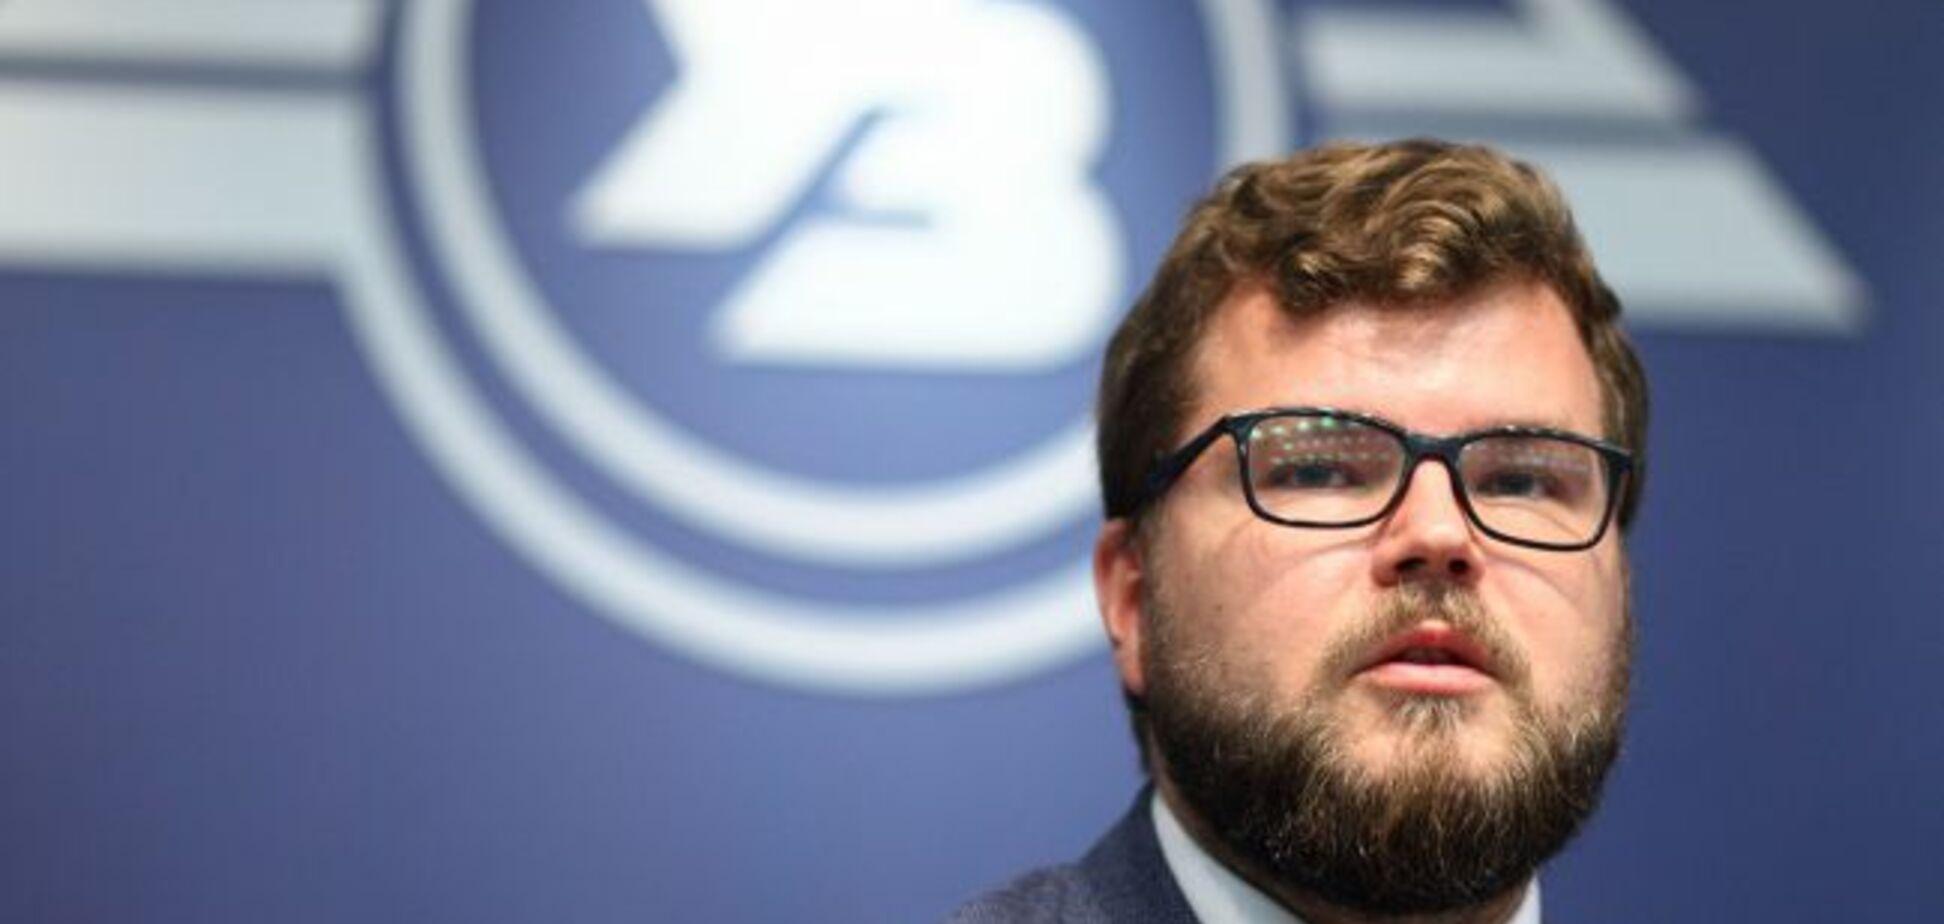 Терміново скликають засідання: у Гончарука зібралися обезголовити 'Укрзалізницю'